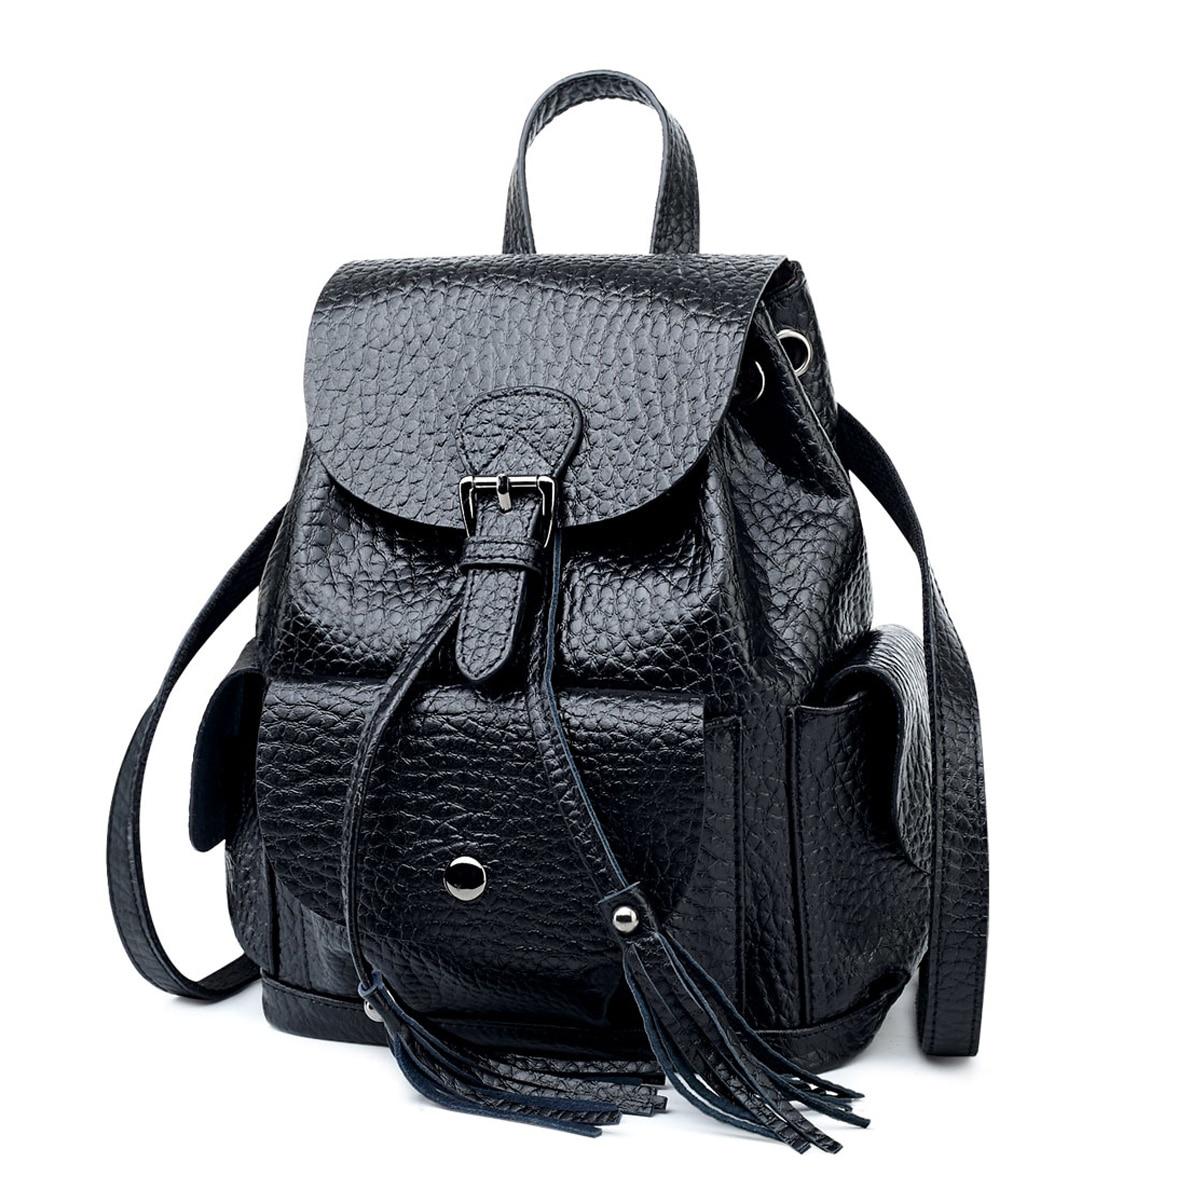 2018 quaste Abdeckung Rucksack für Frauen Doppel Schulter Tasche Hohe Qualität Echtem Rindsleder Täglichen Knaspack Silber Bagpack-in Rucksäcke aus Gepäck & Taschen bei  Gruppe 3